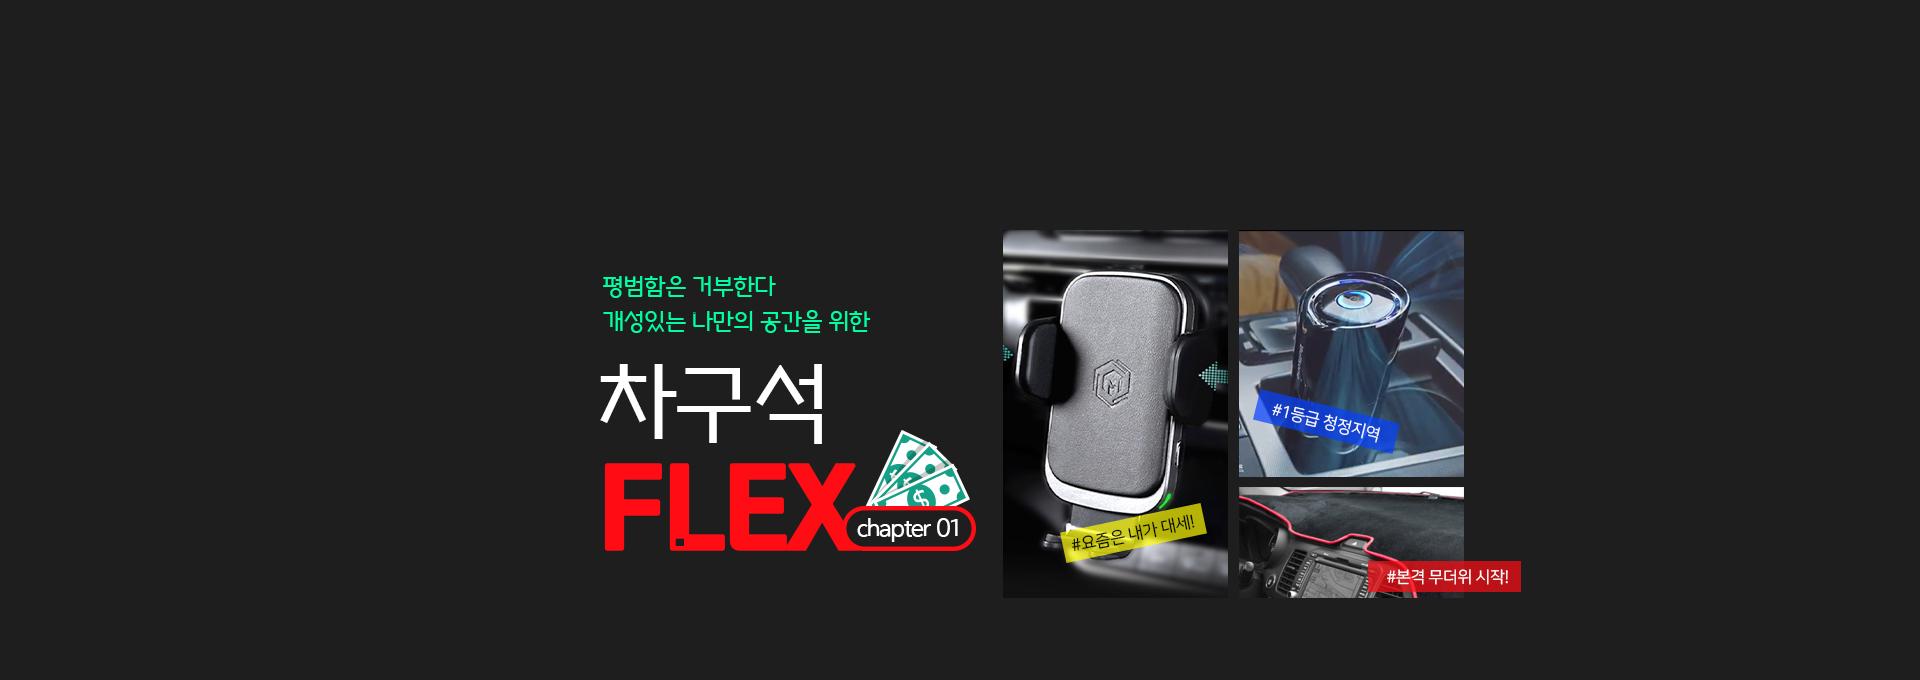 차구석FLEX